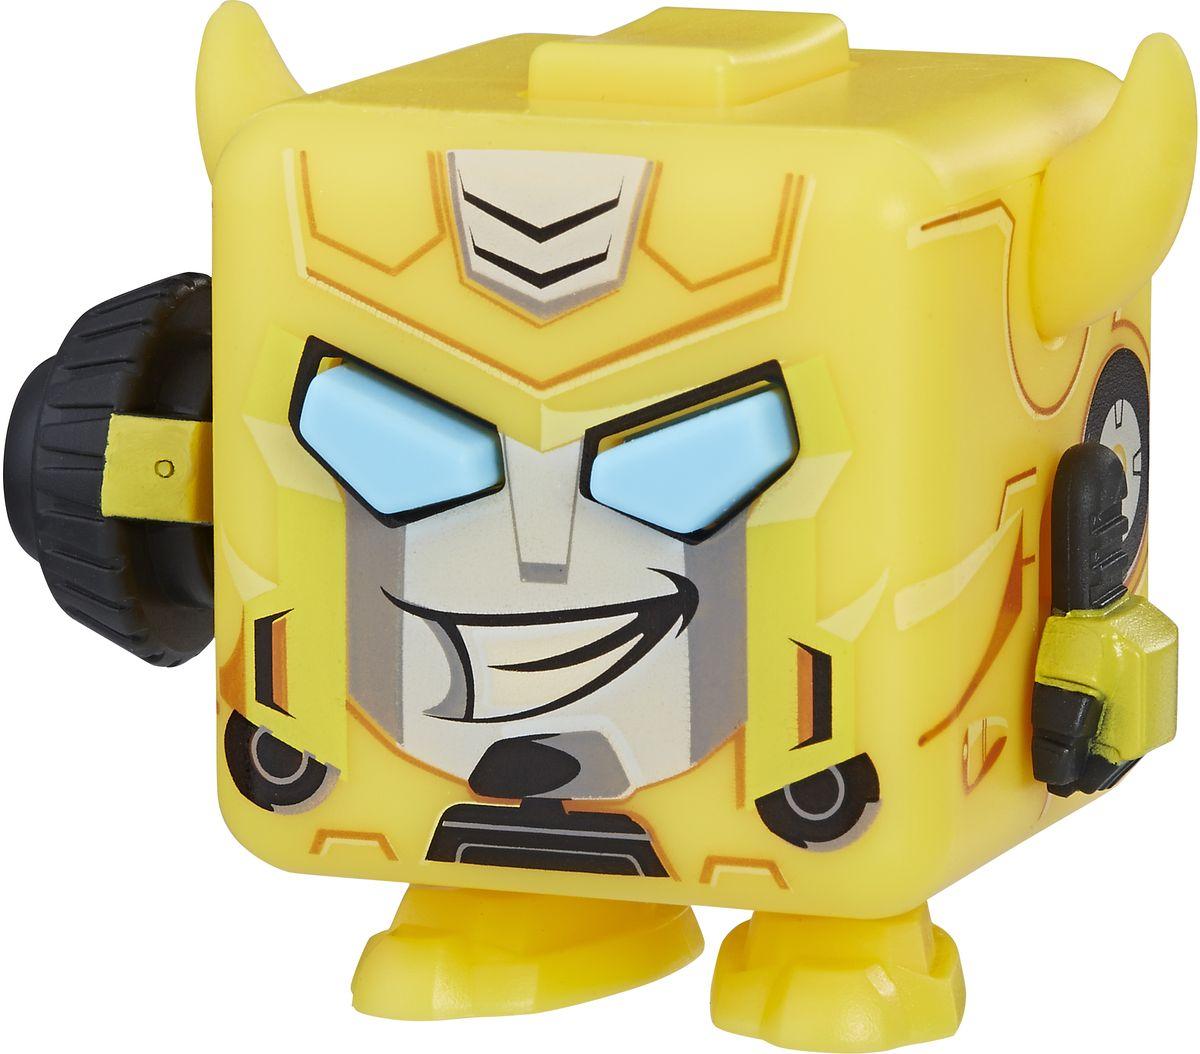 Fidget Its Антистрессовая игрушка Кубик Transformers Bumblebee transformers ранец школьный bumblebee